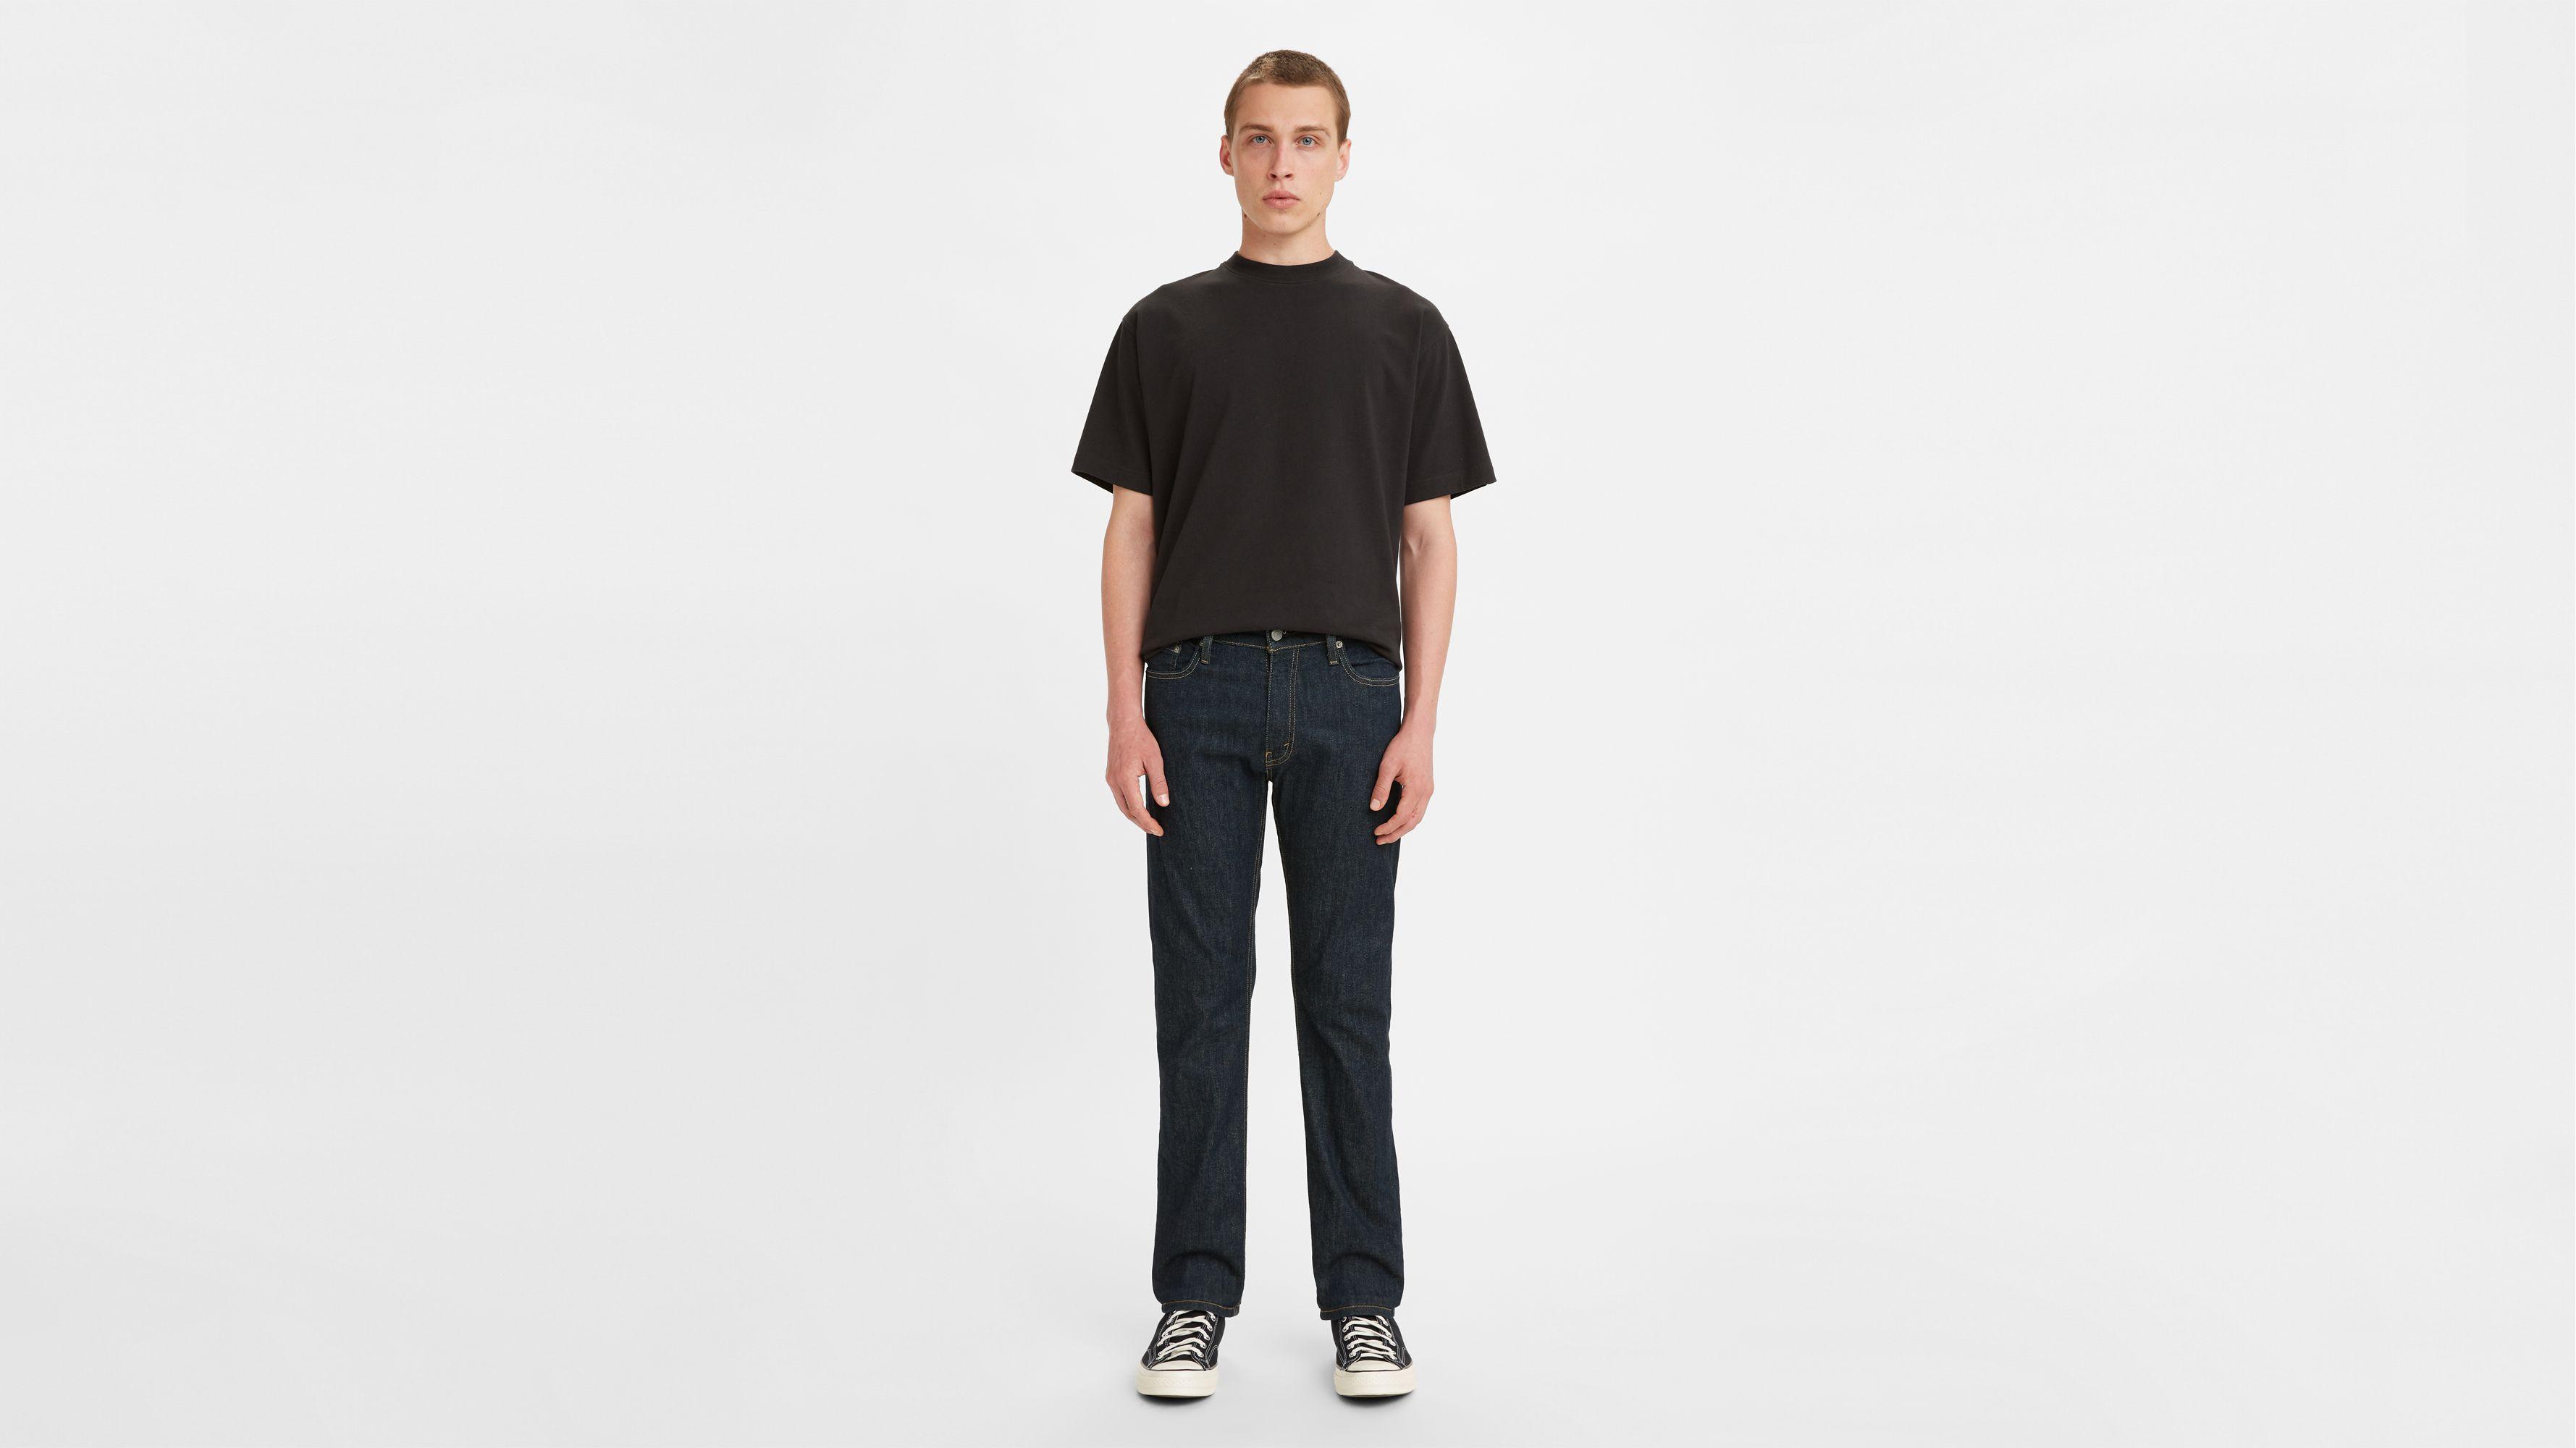 0815 shirt levis